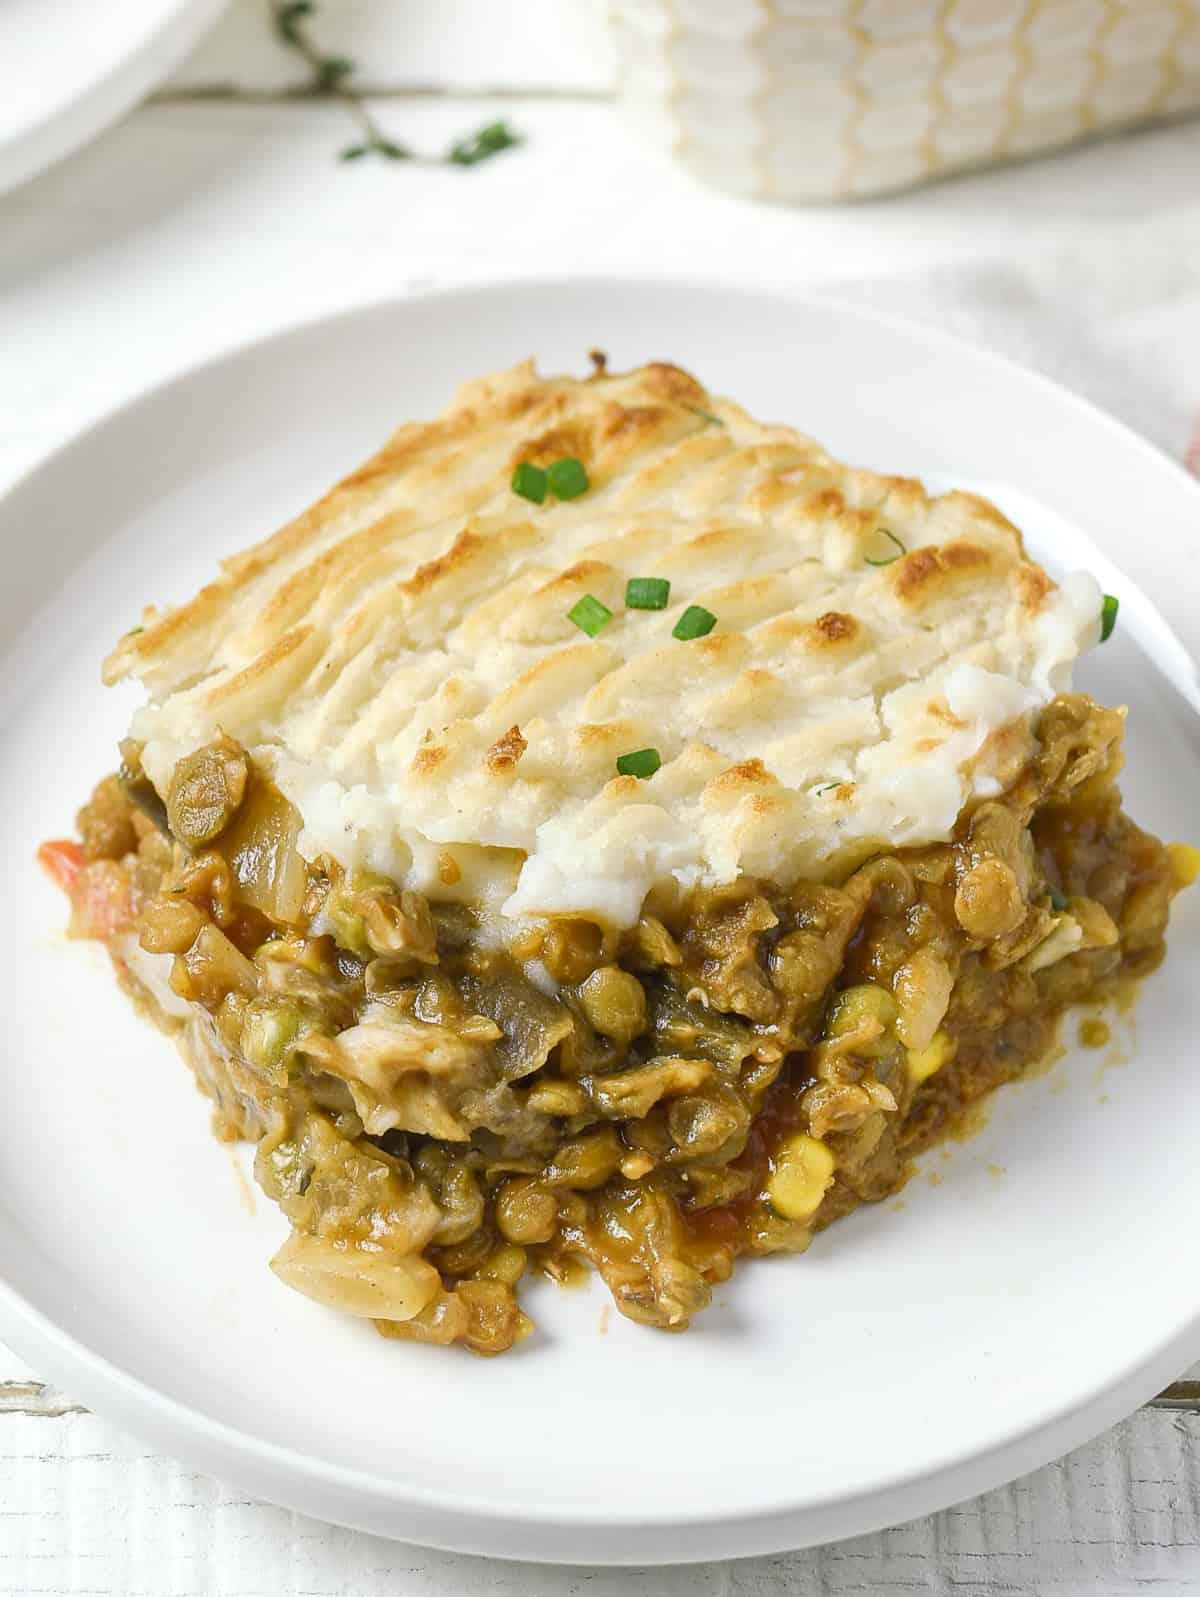 Vegan lentil shepherd's pie on plate.